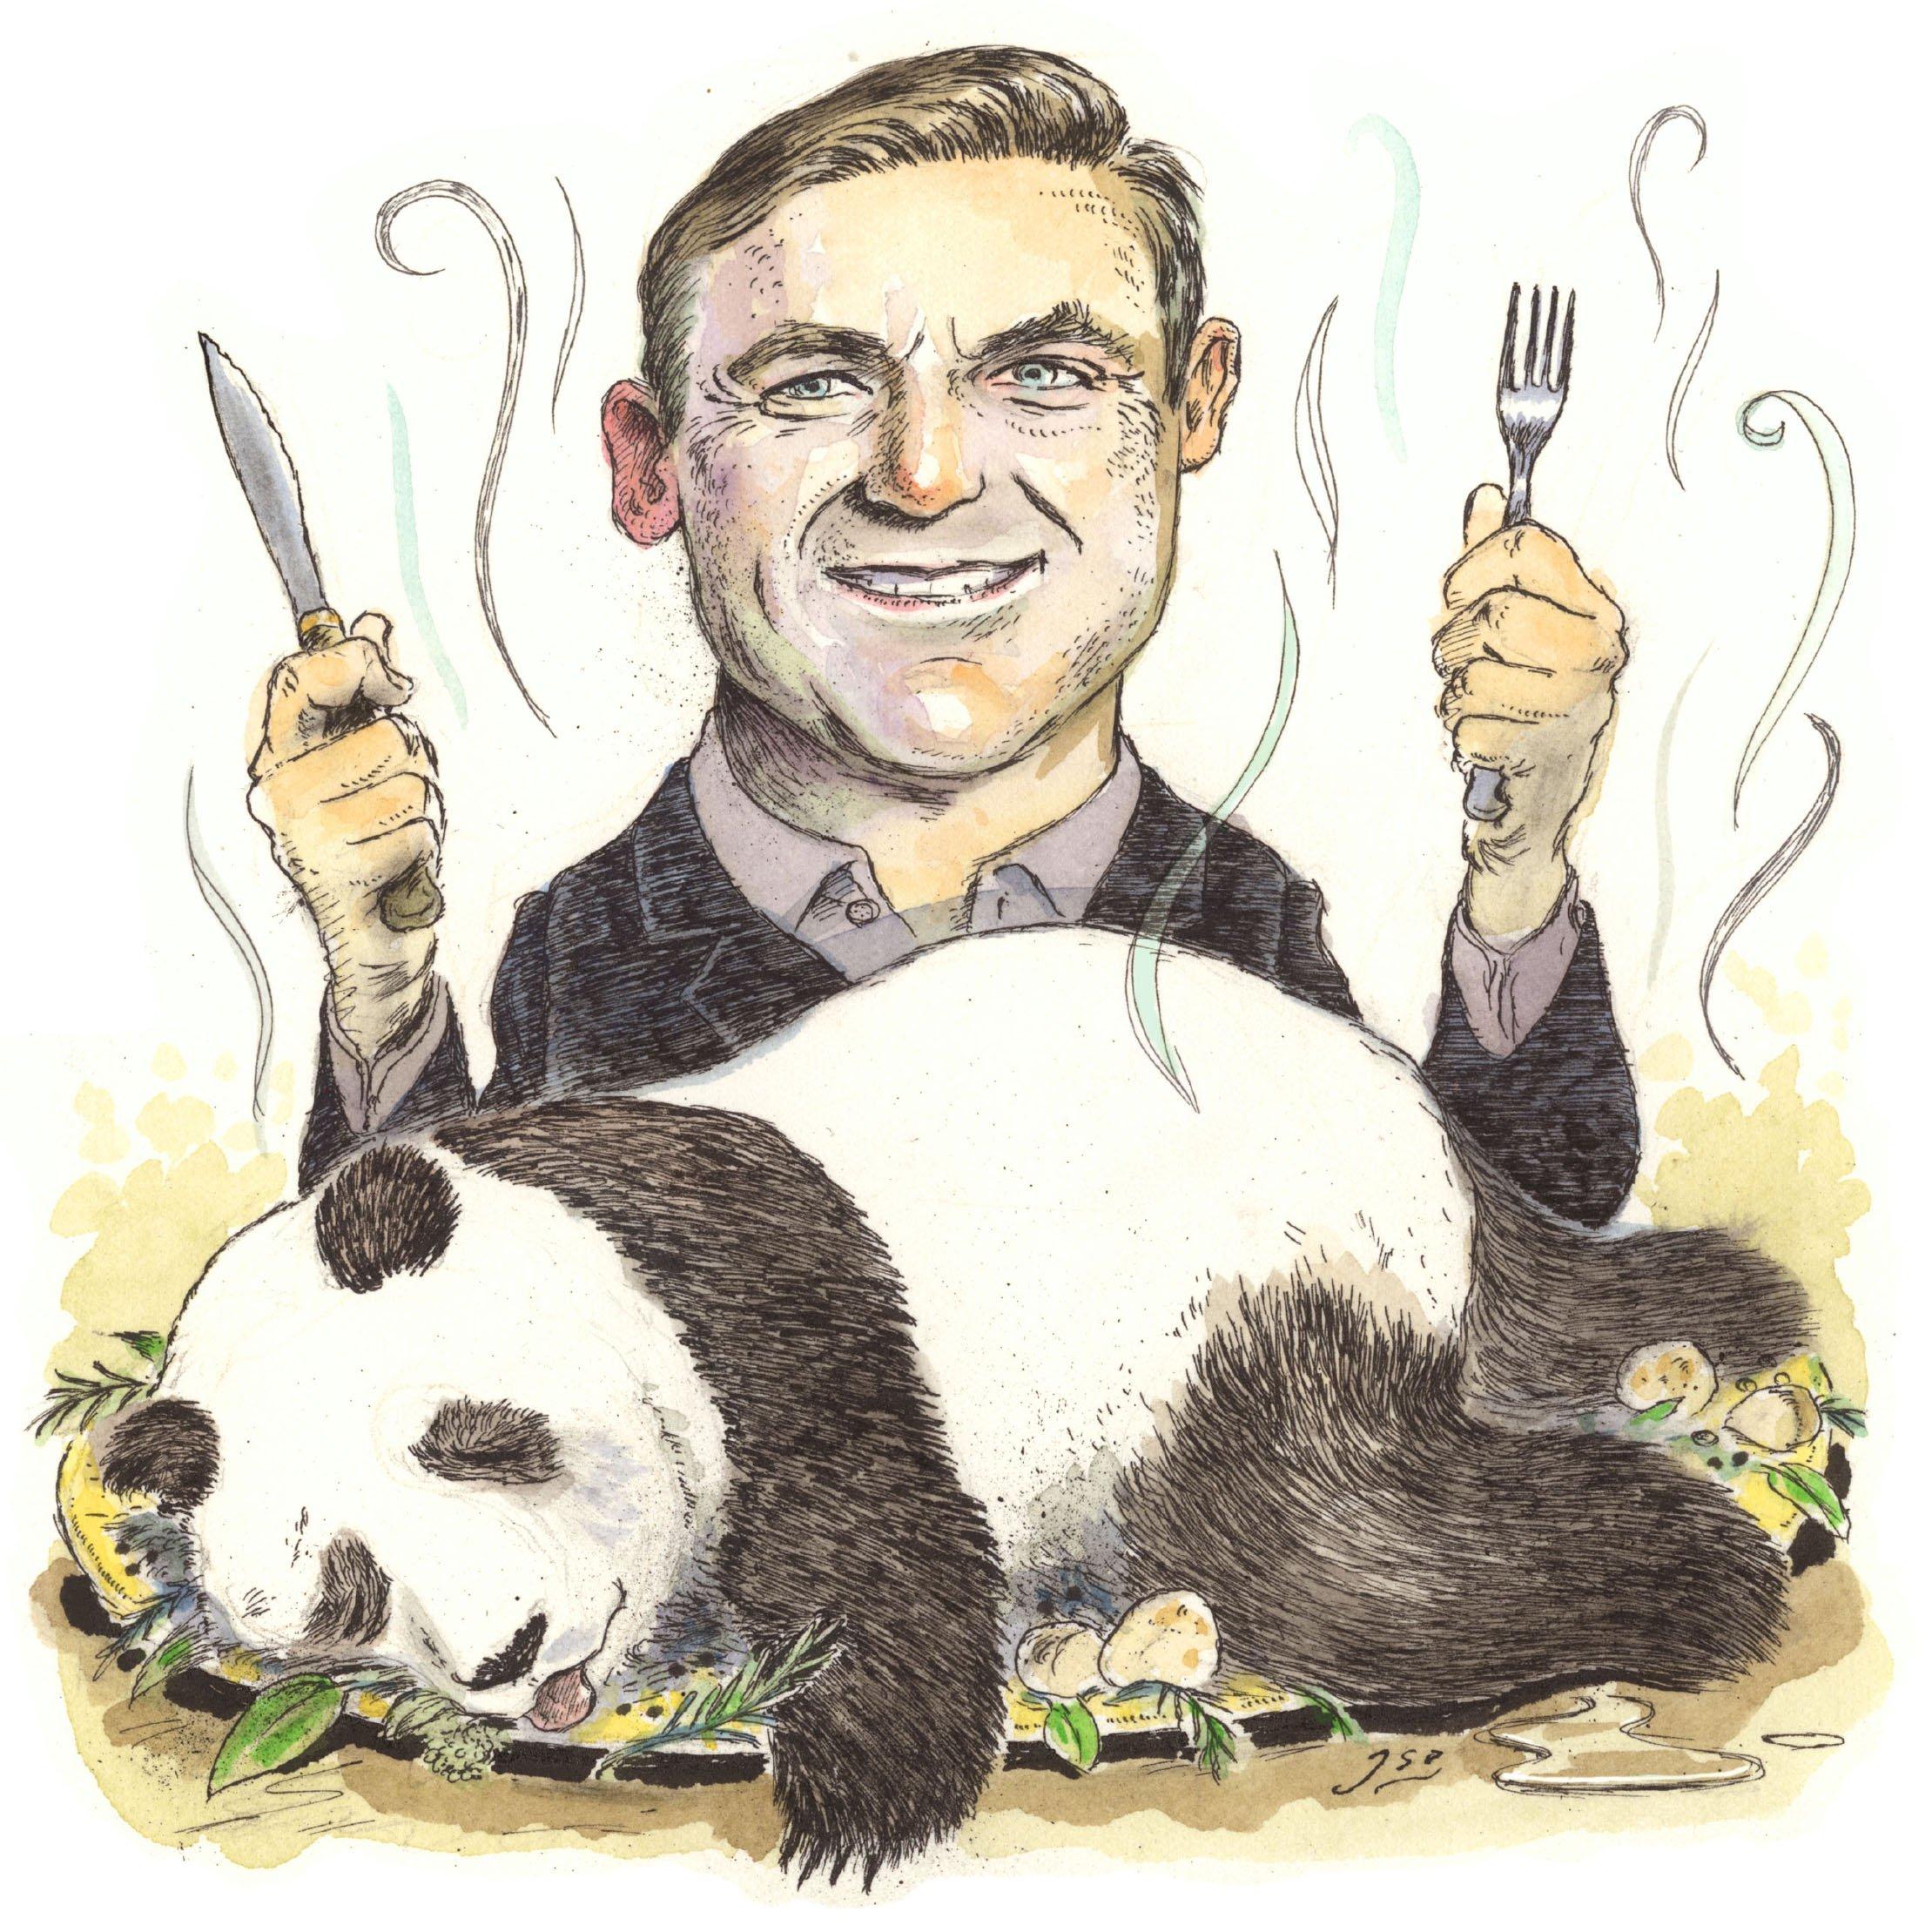 Follow-up question: Has Craig James ever eaten a panda steak?